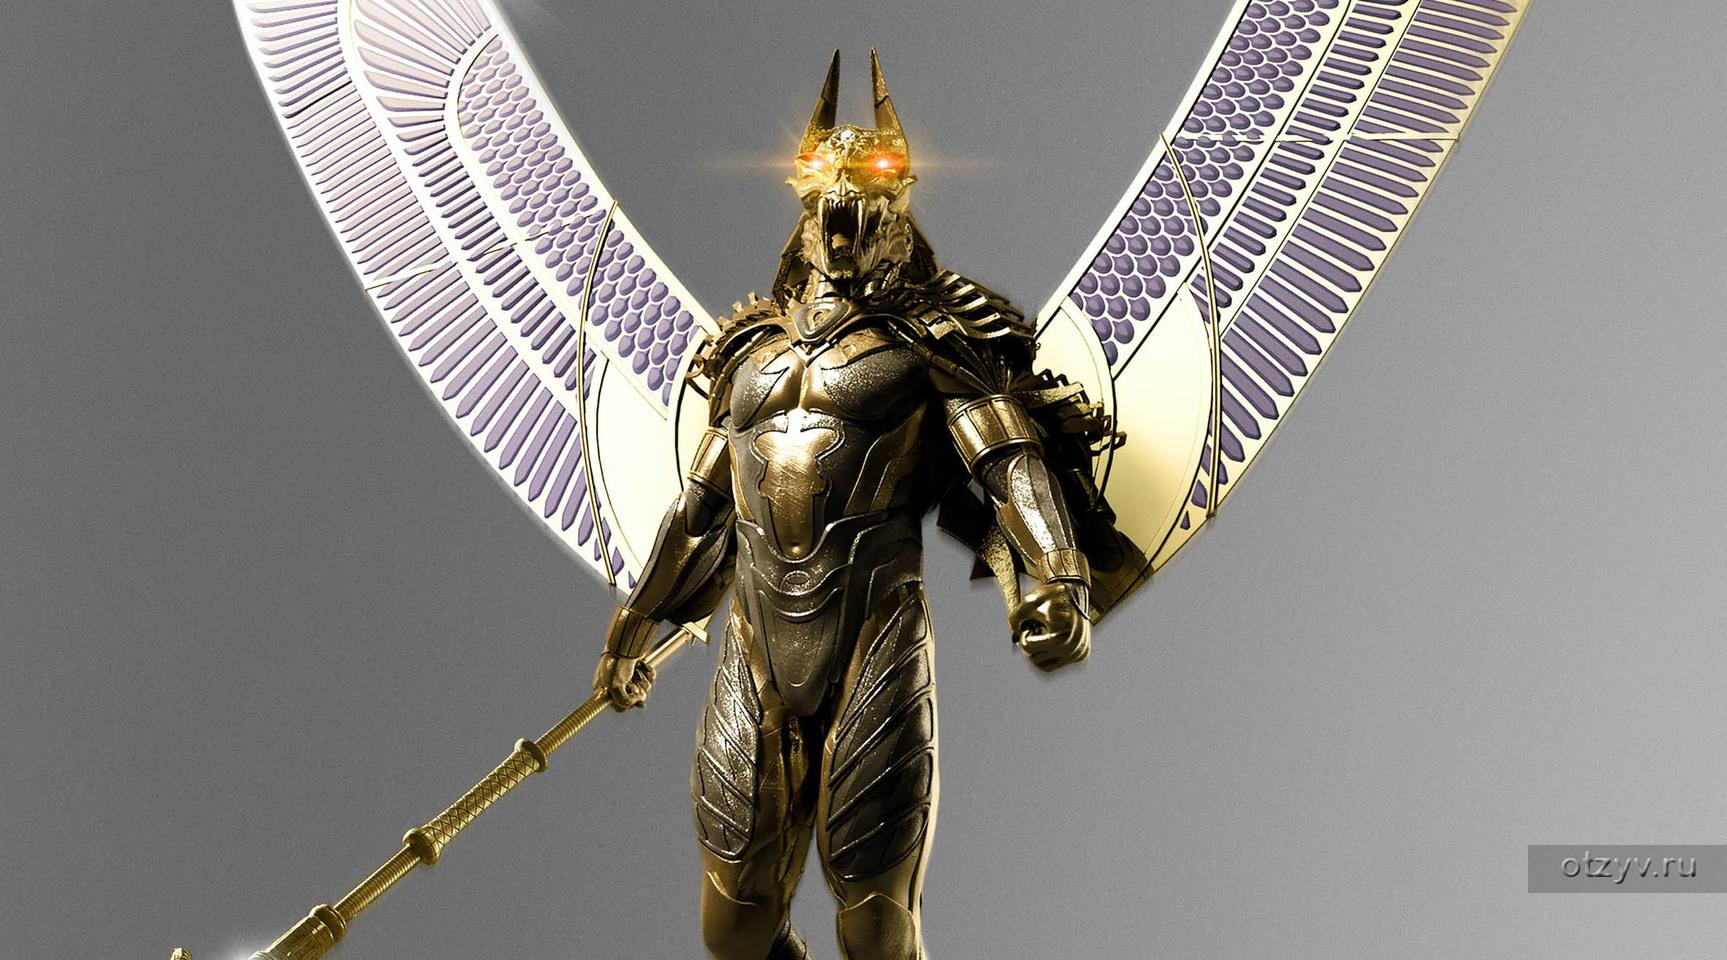 боги египта из фильма картинки